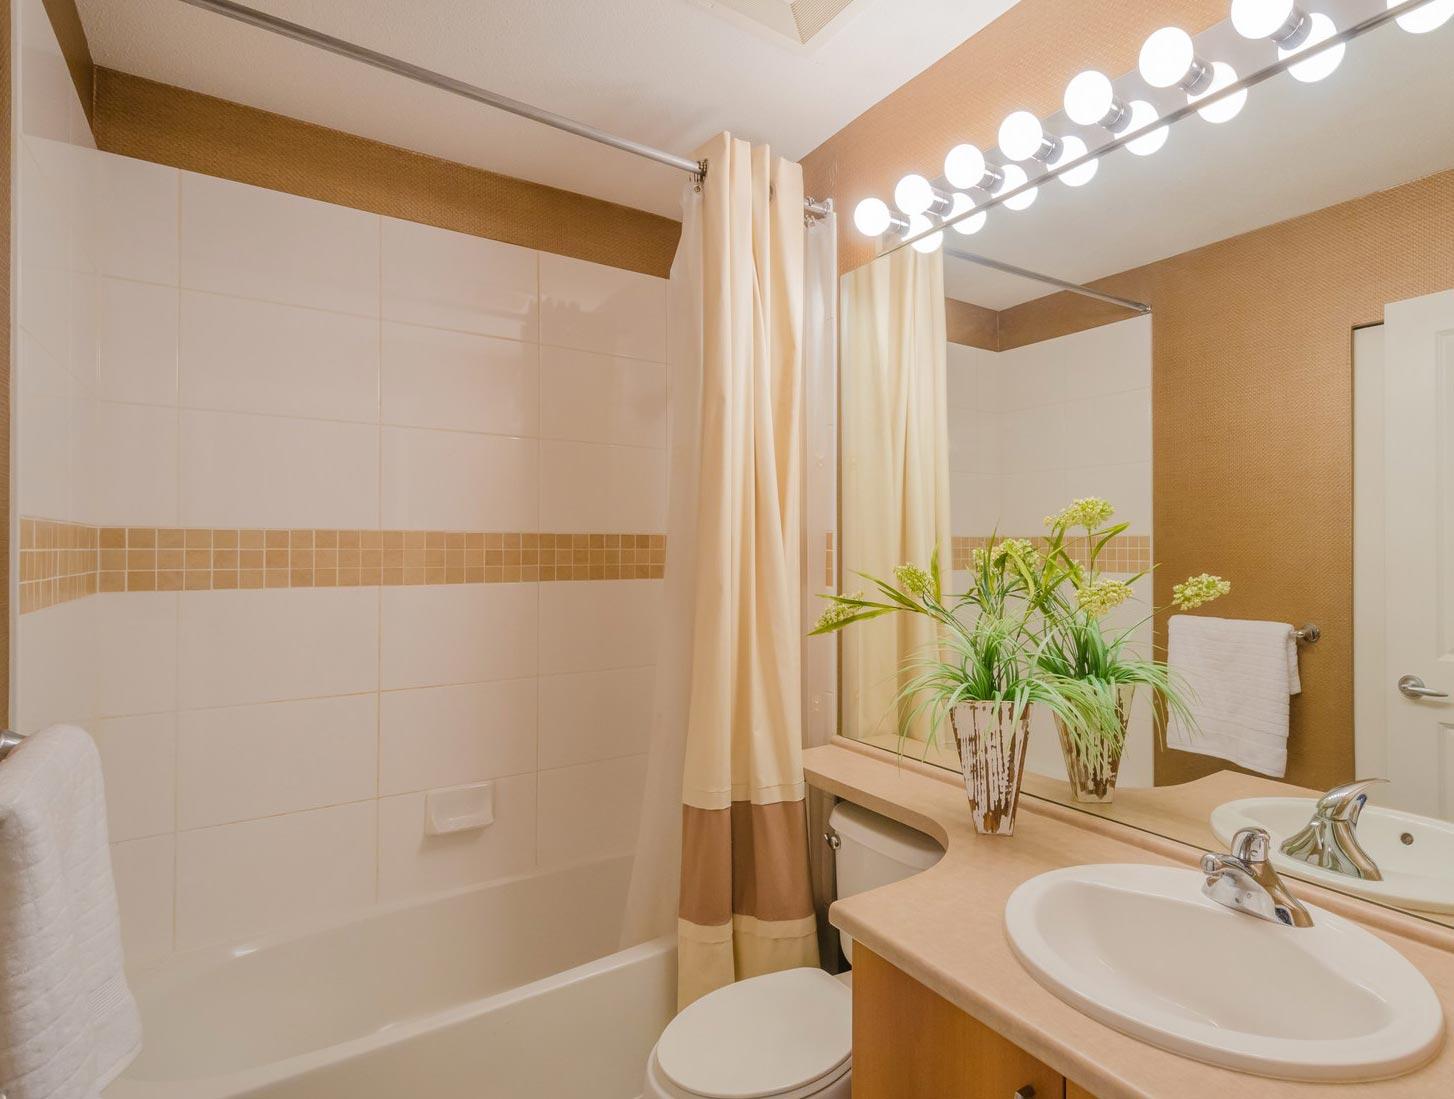 дизайн плитки в маленькой ванной 3